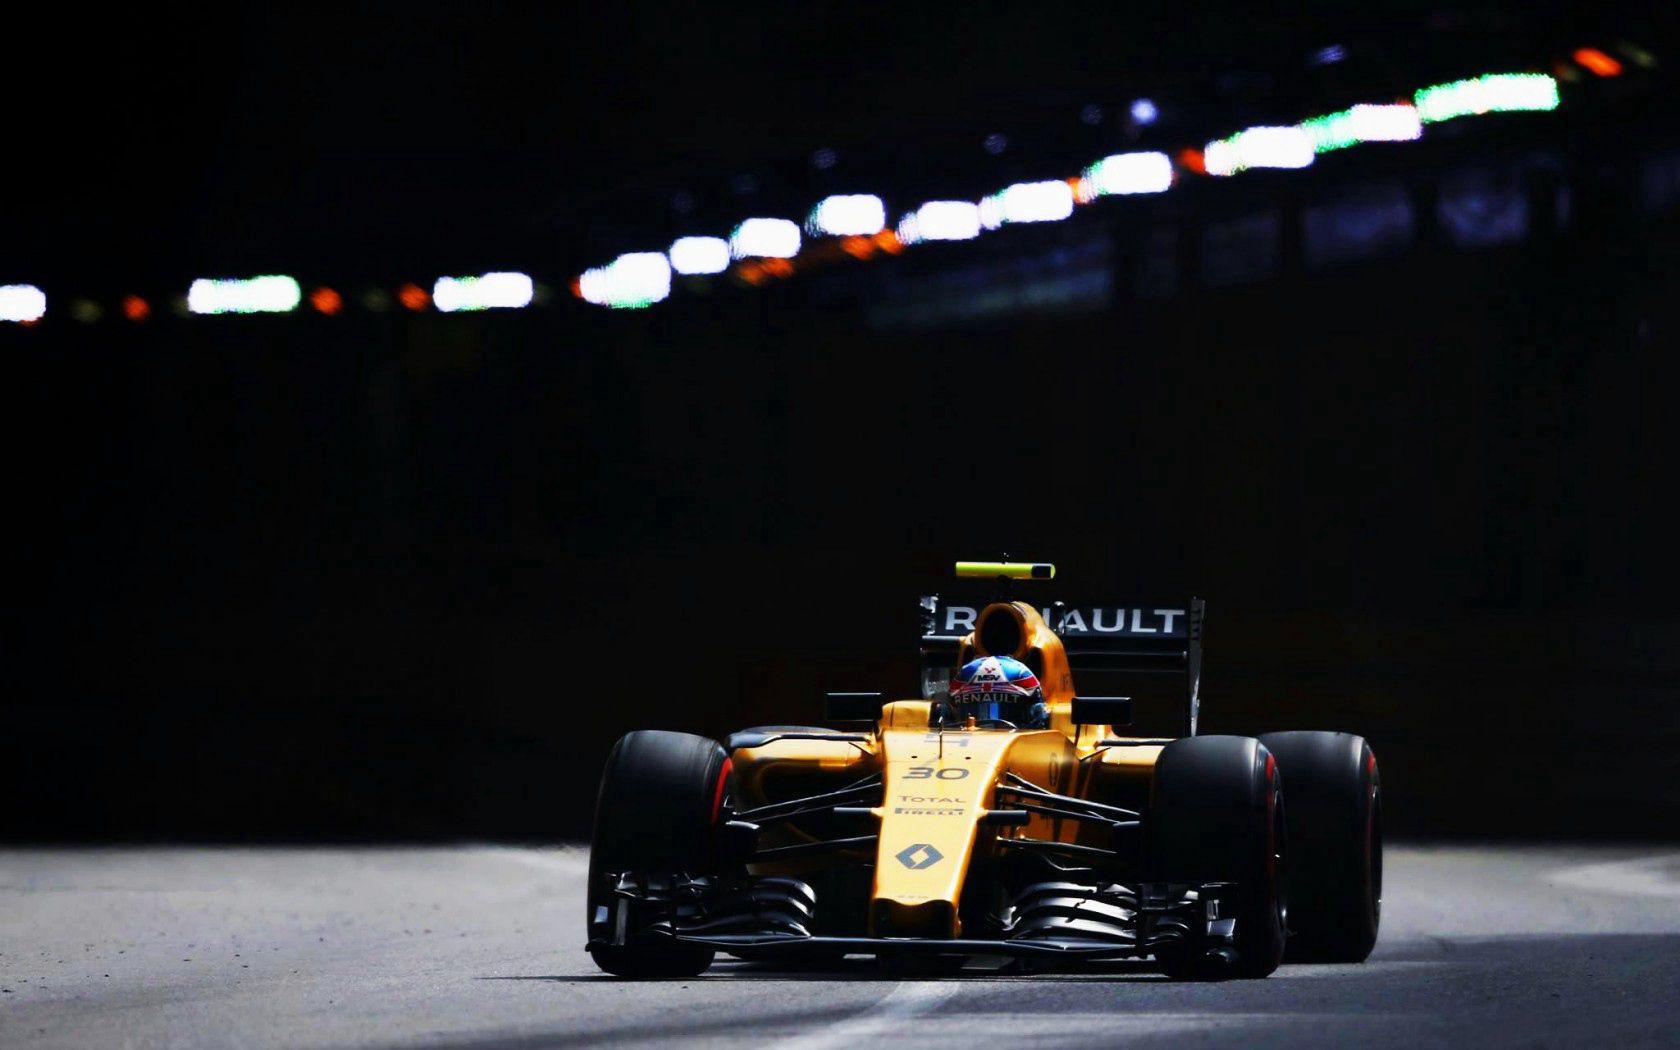 79658 Hintergrundbild herunterladen Auto, Rennen, Renault, Cars, Formel 1, Palmer - Bildschirmschoner und Bilder kostenlos